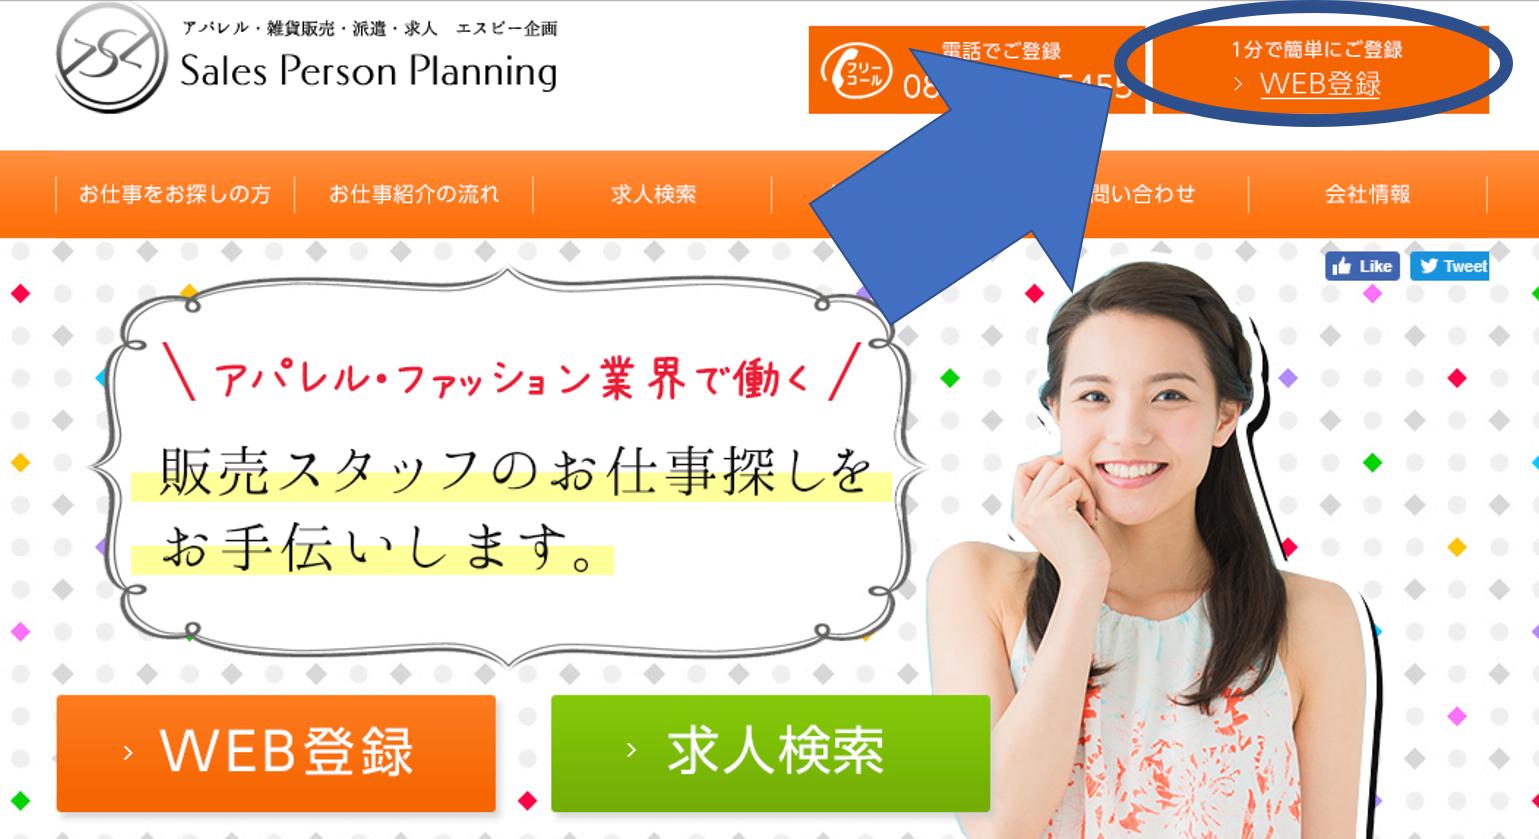 派遣-エスピー企画のWeb登録ボタン